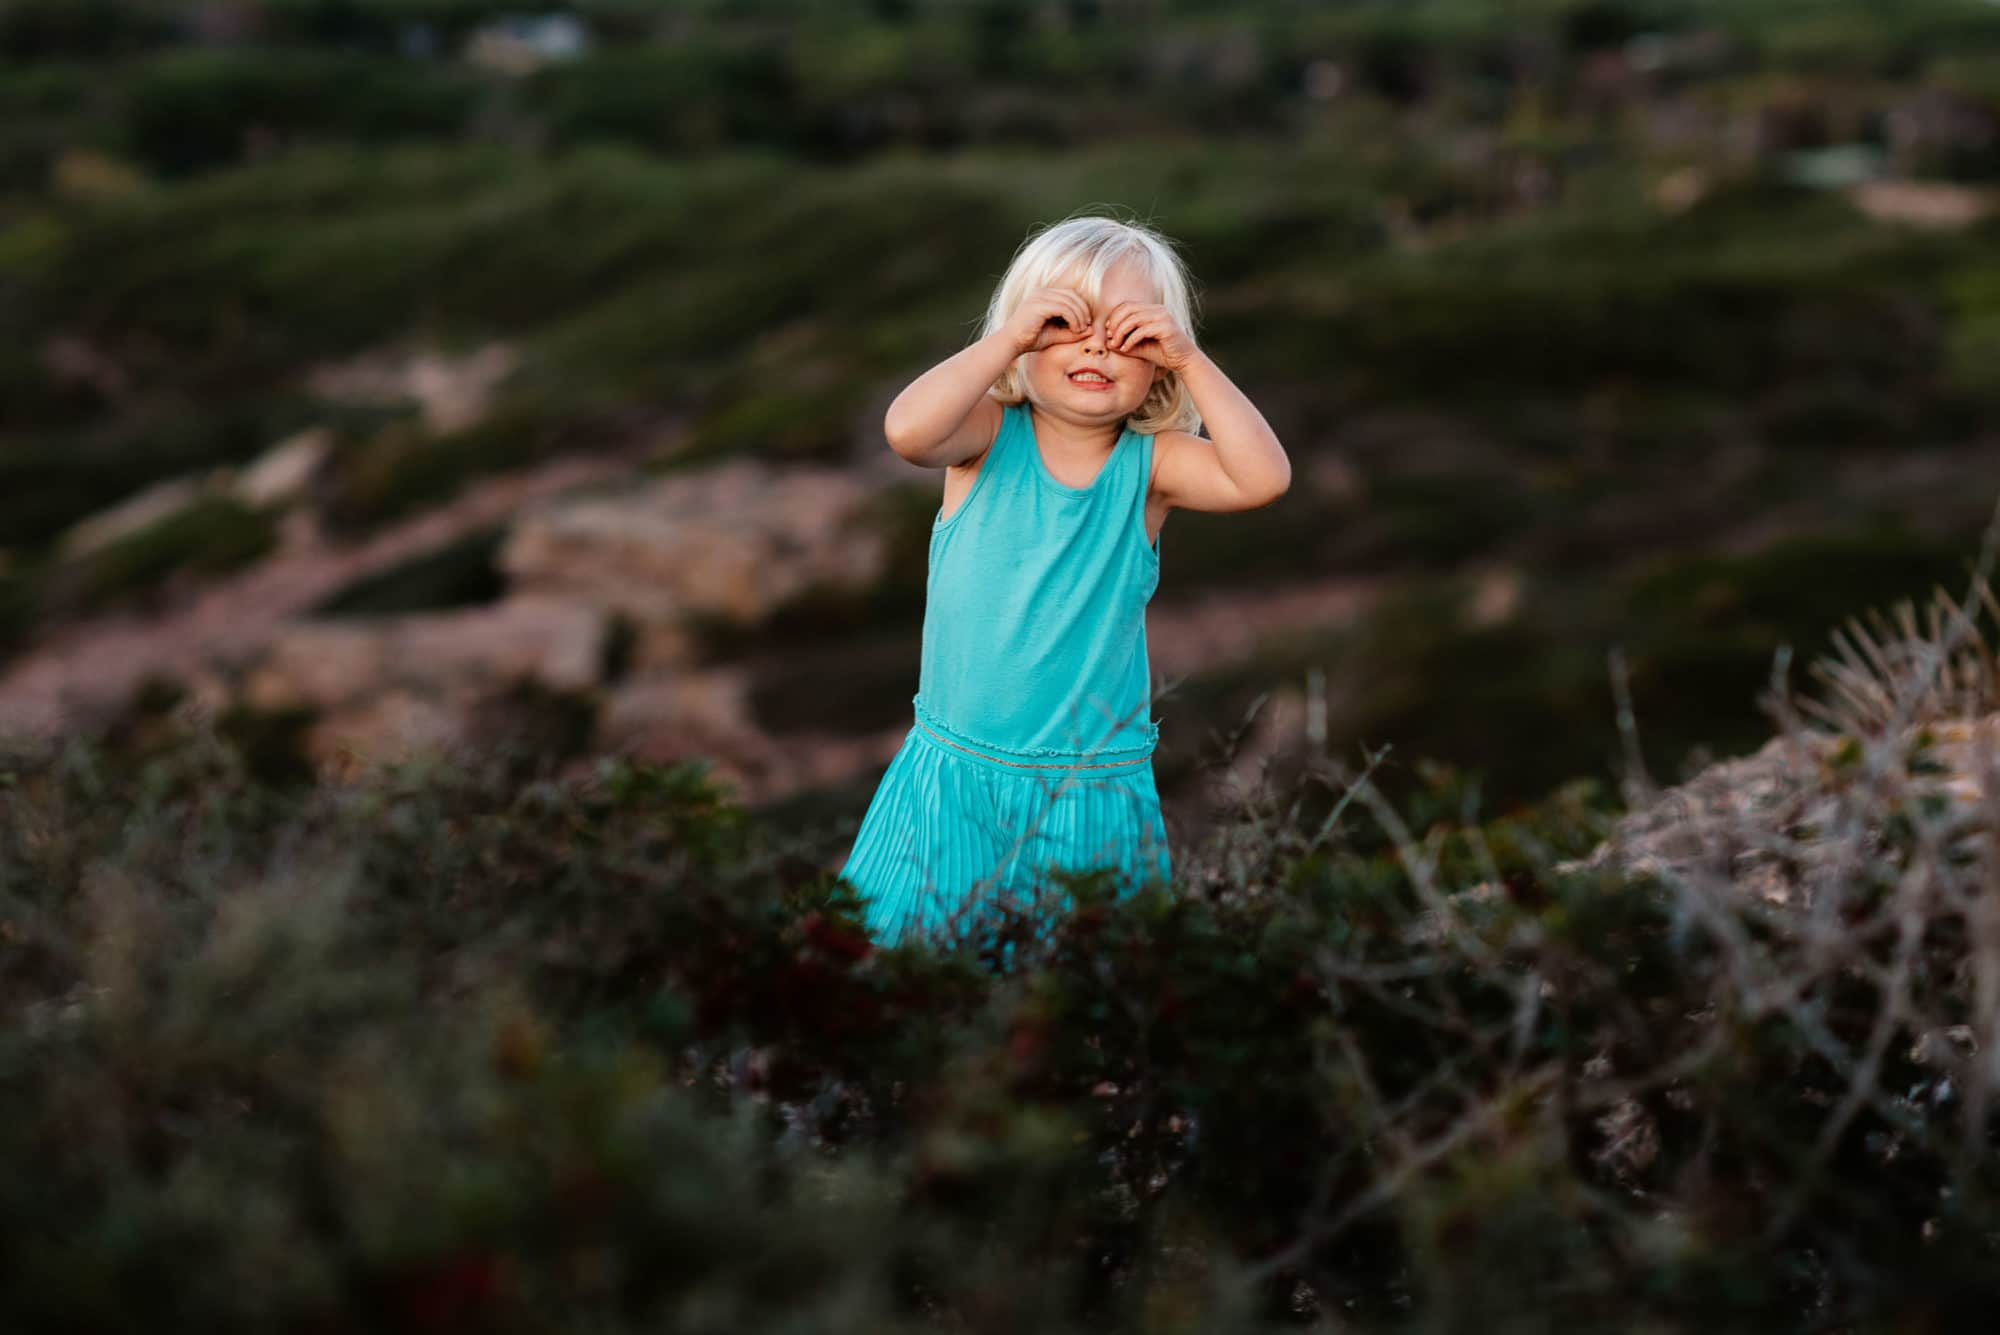 fotografo ritratto bambini